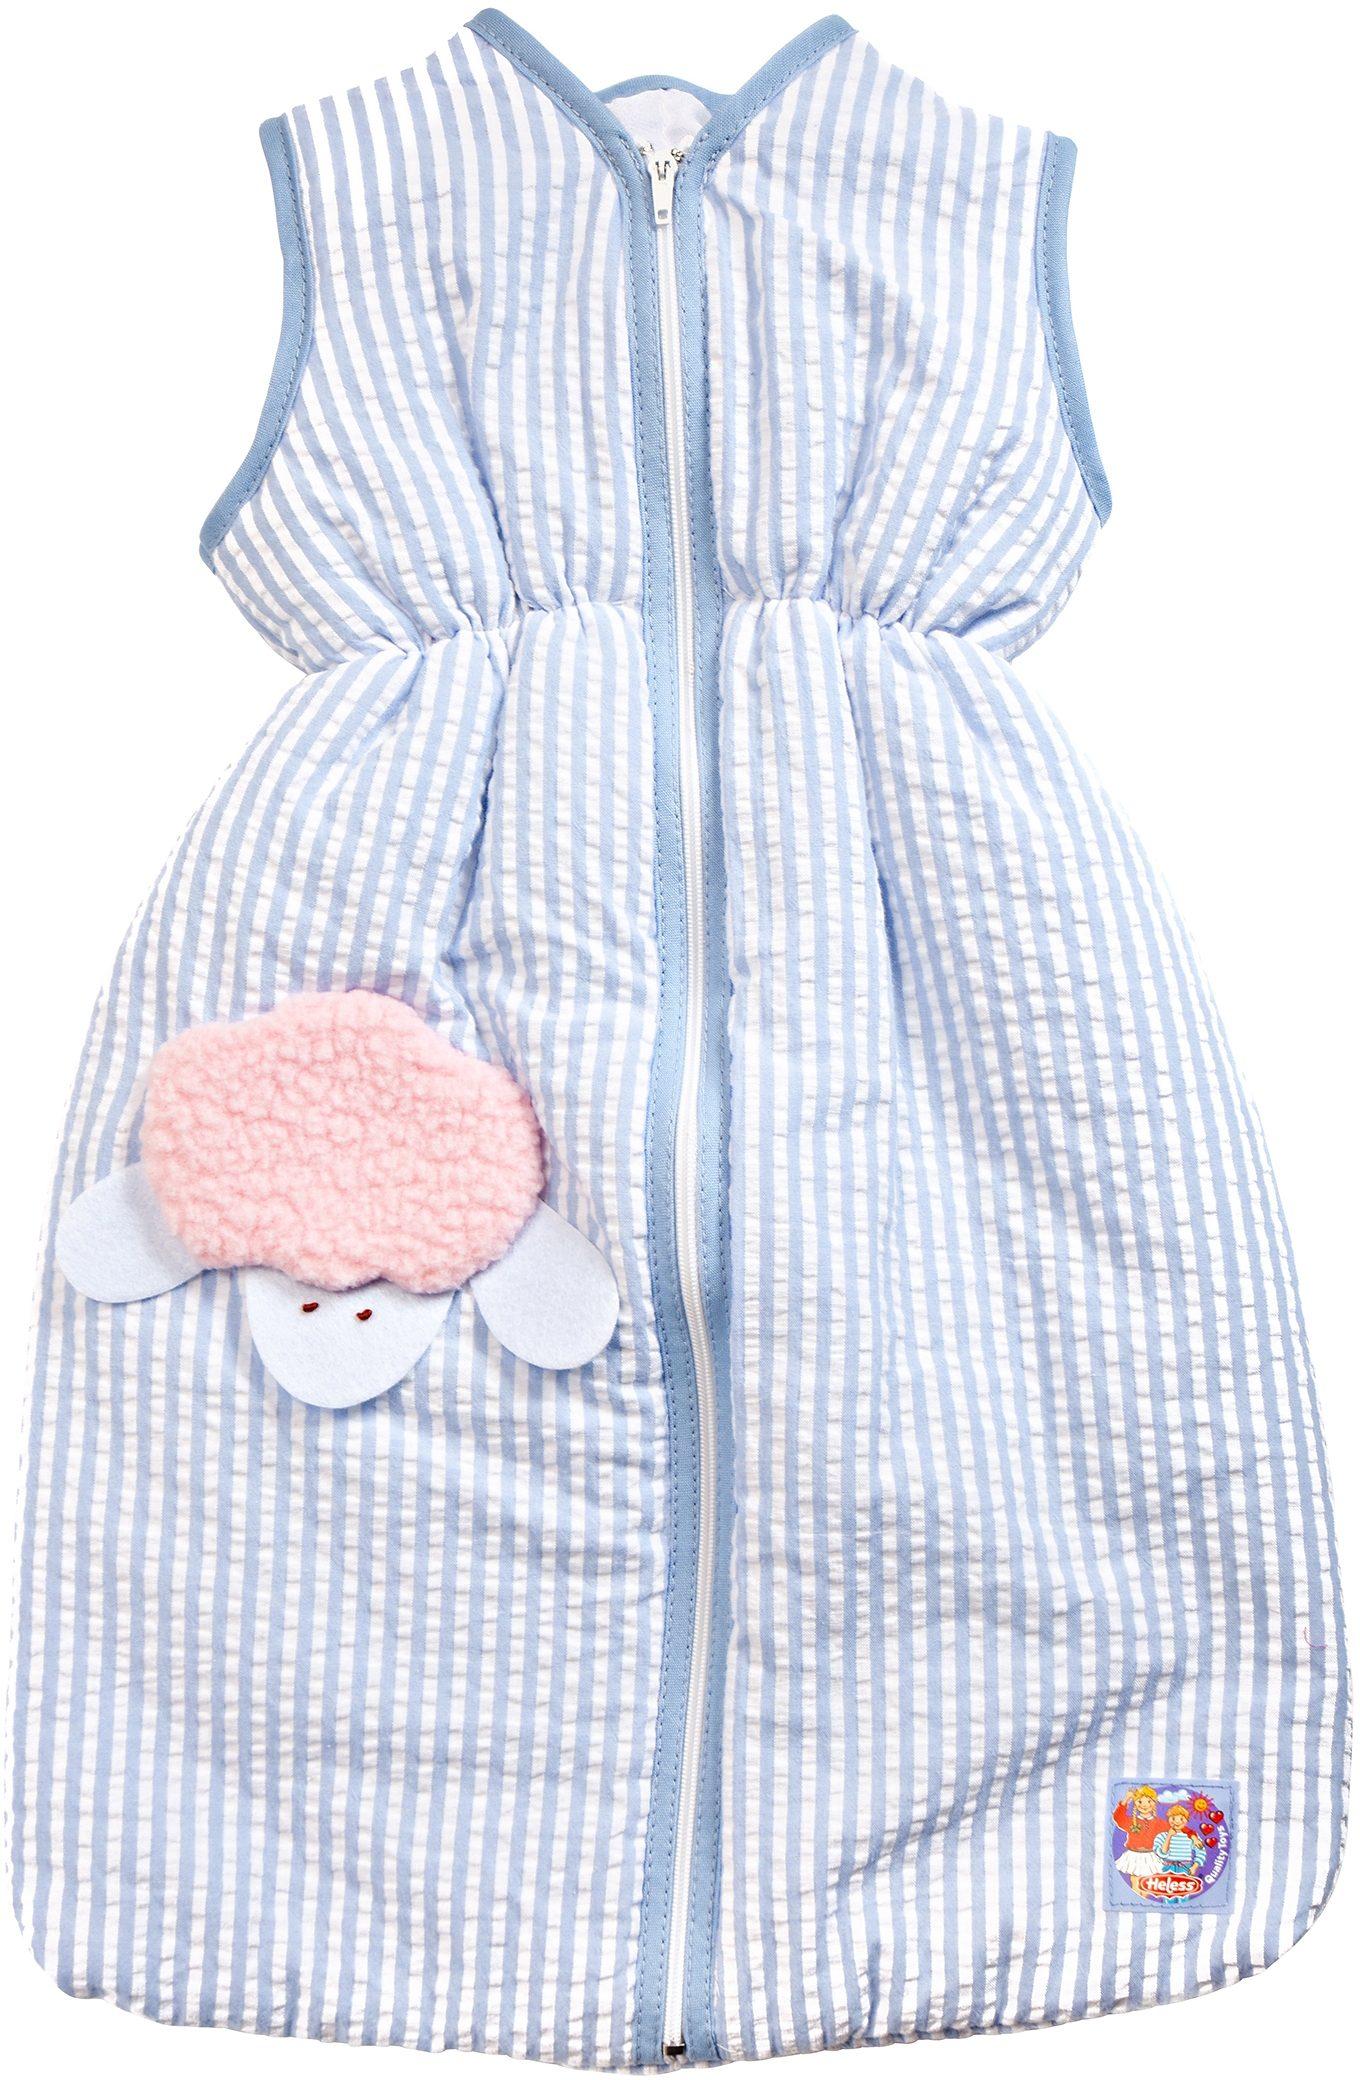 Heless® Puppenzubehör, 37 cm, »Schlafsack blau«